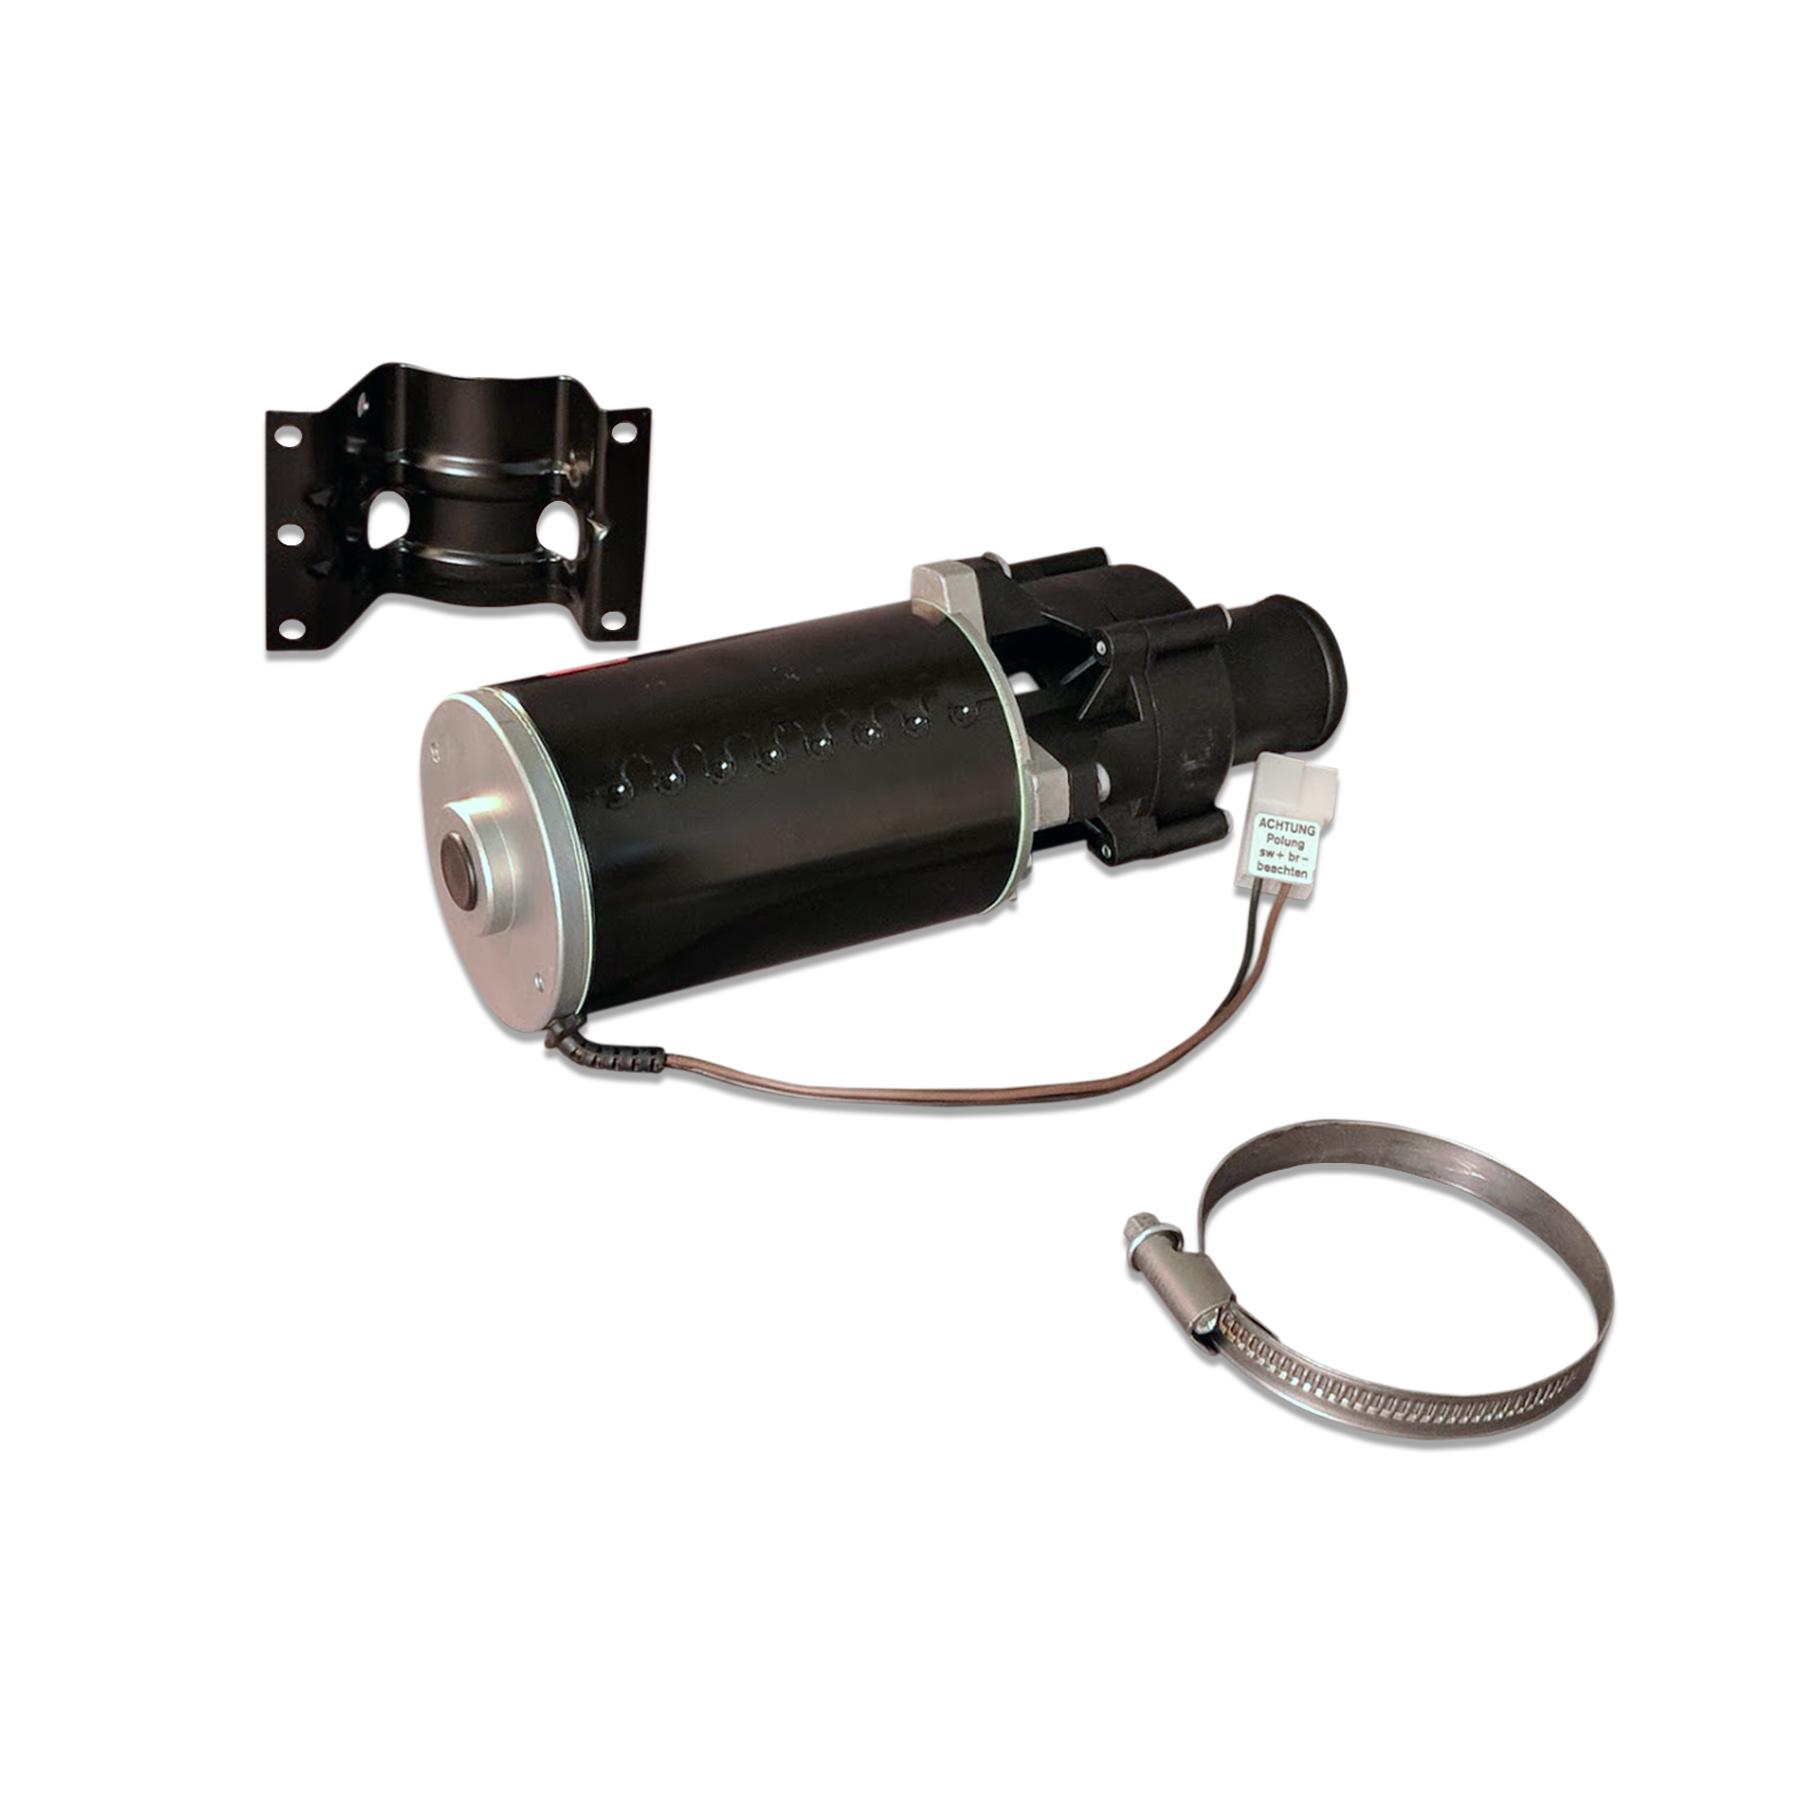 12VDC U4814 Circulation Pump w/Mounting Bracket